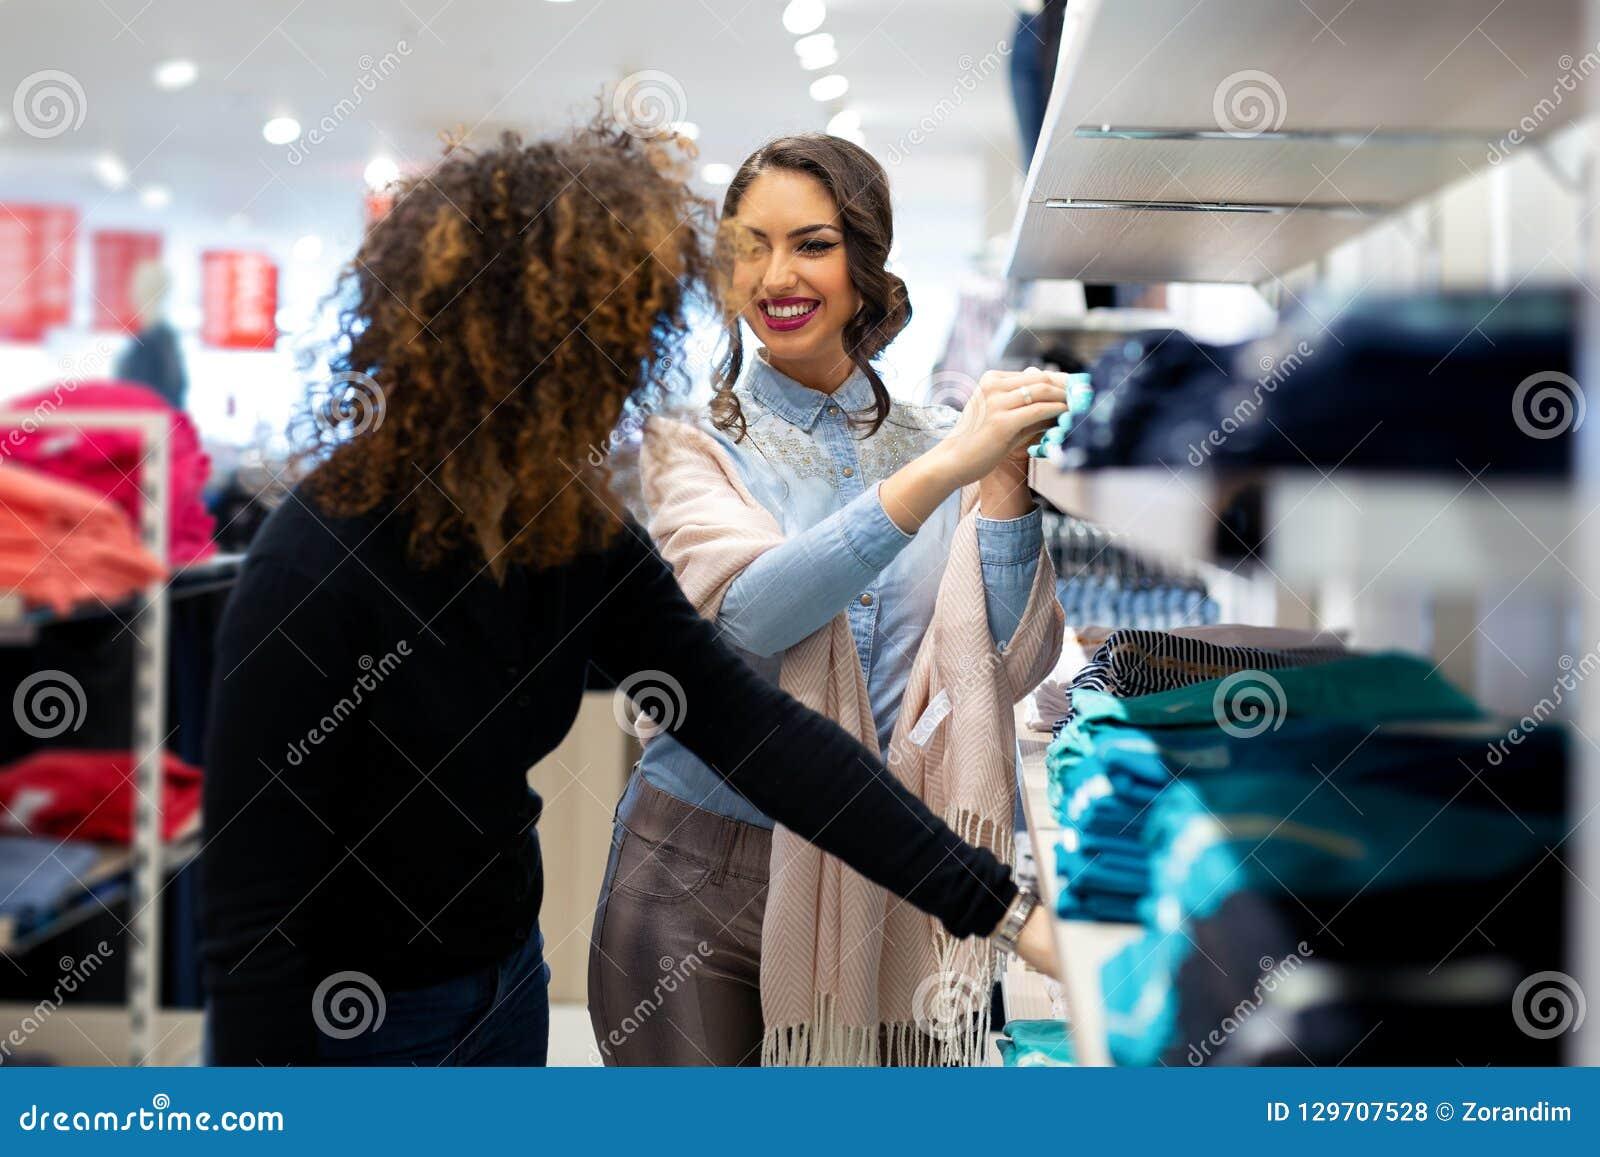 Pretty girls store — img 1